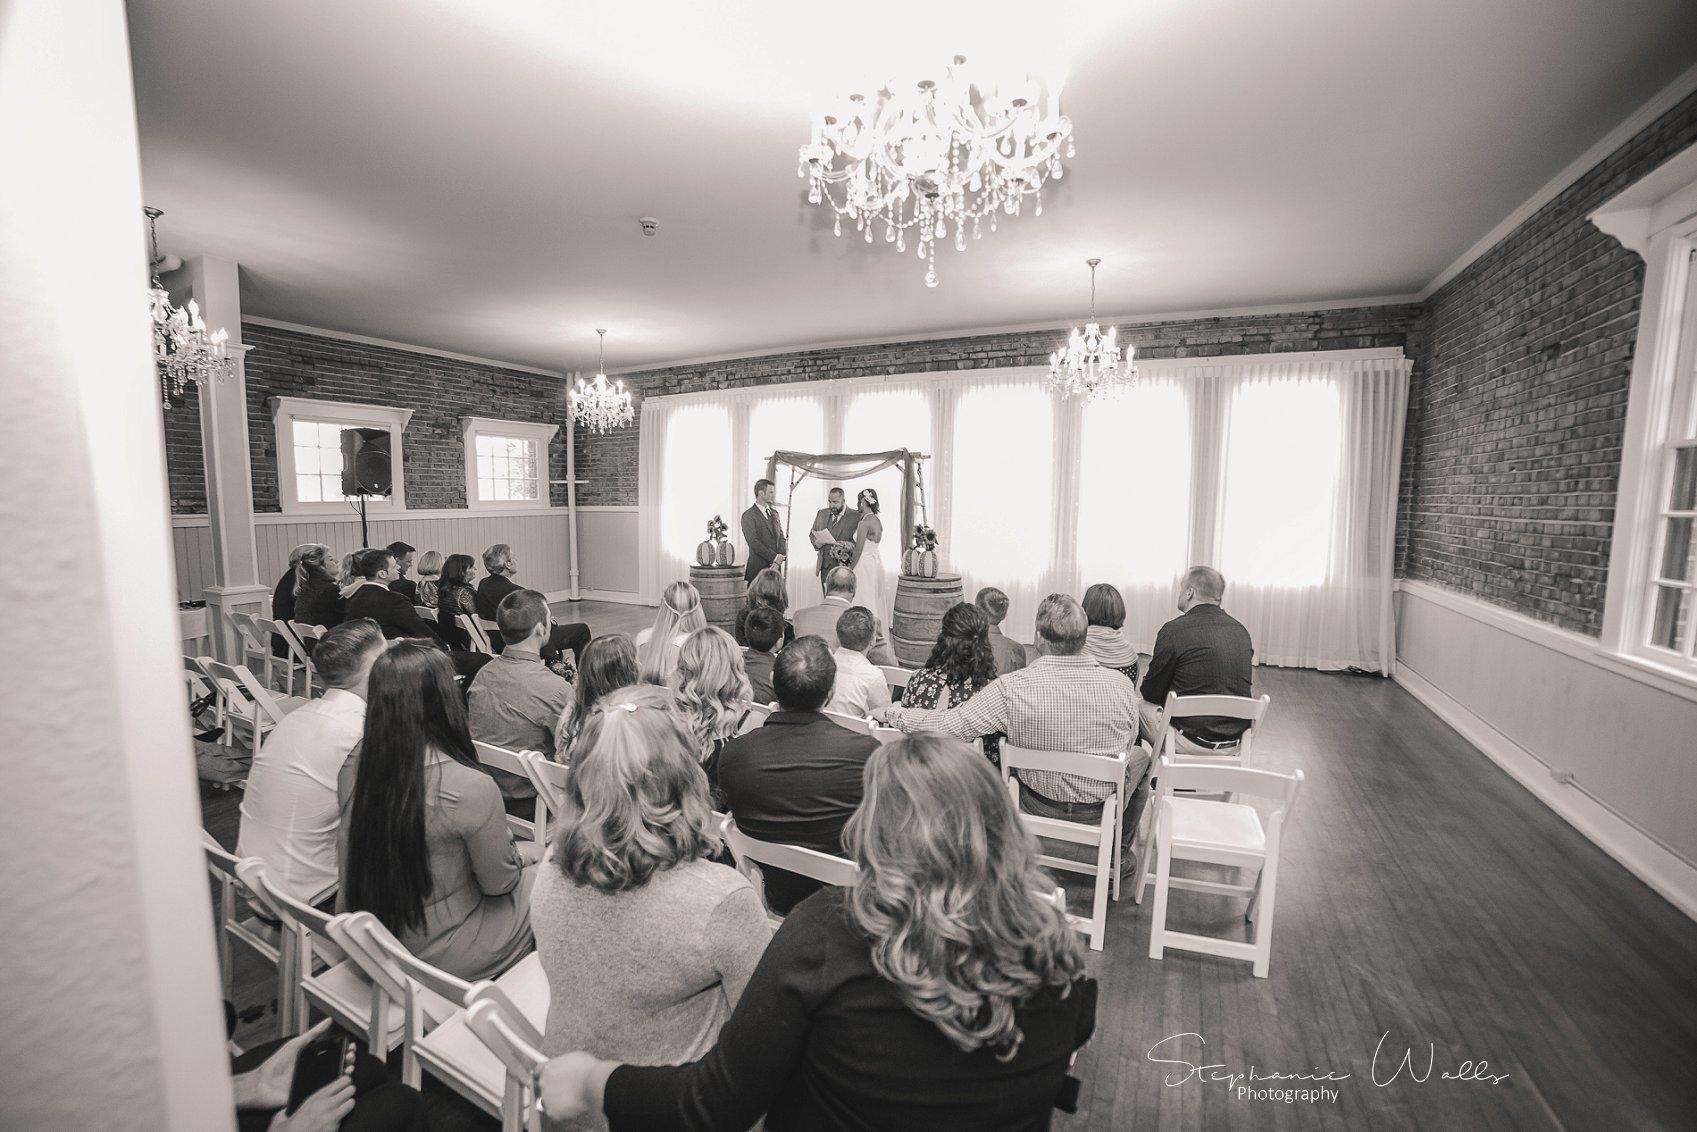 Ceremony 101 KK & Zack   Hollywood Schoolhouse Wedding   Woodinville, Wa Wedding Photographer